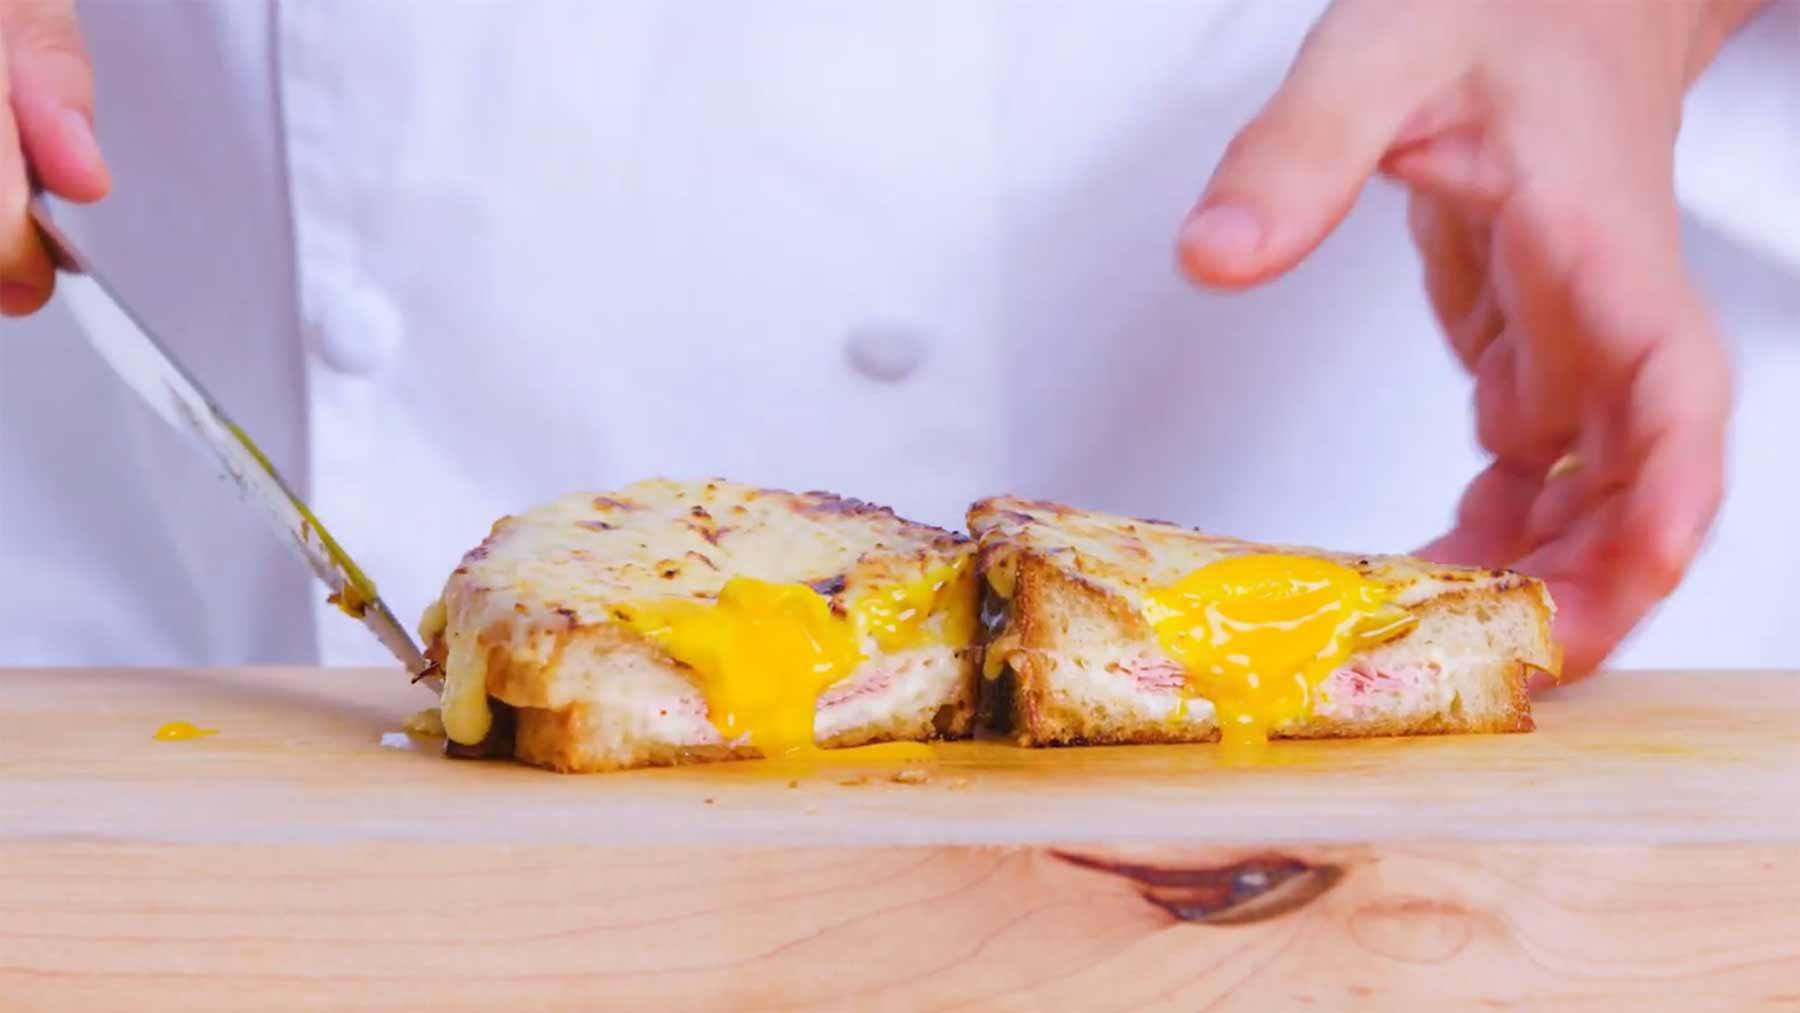 Köche unterschiedlicher Fähigkeitsstufen machen ein Grilled-Cheese-Sandwich grilled-cheese-sandwich